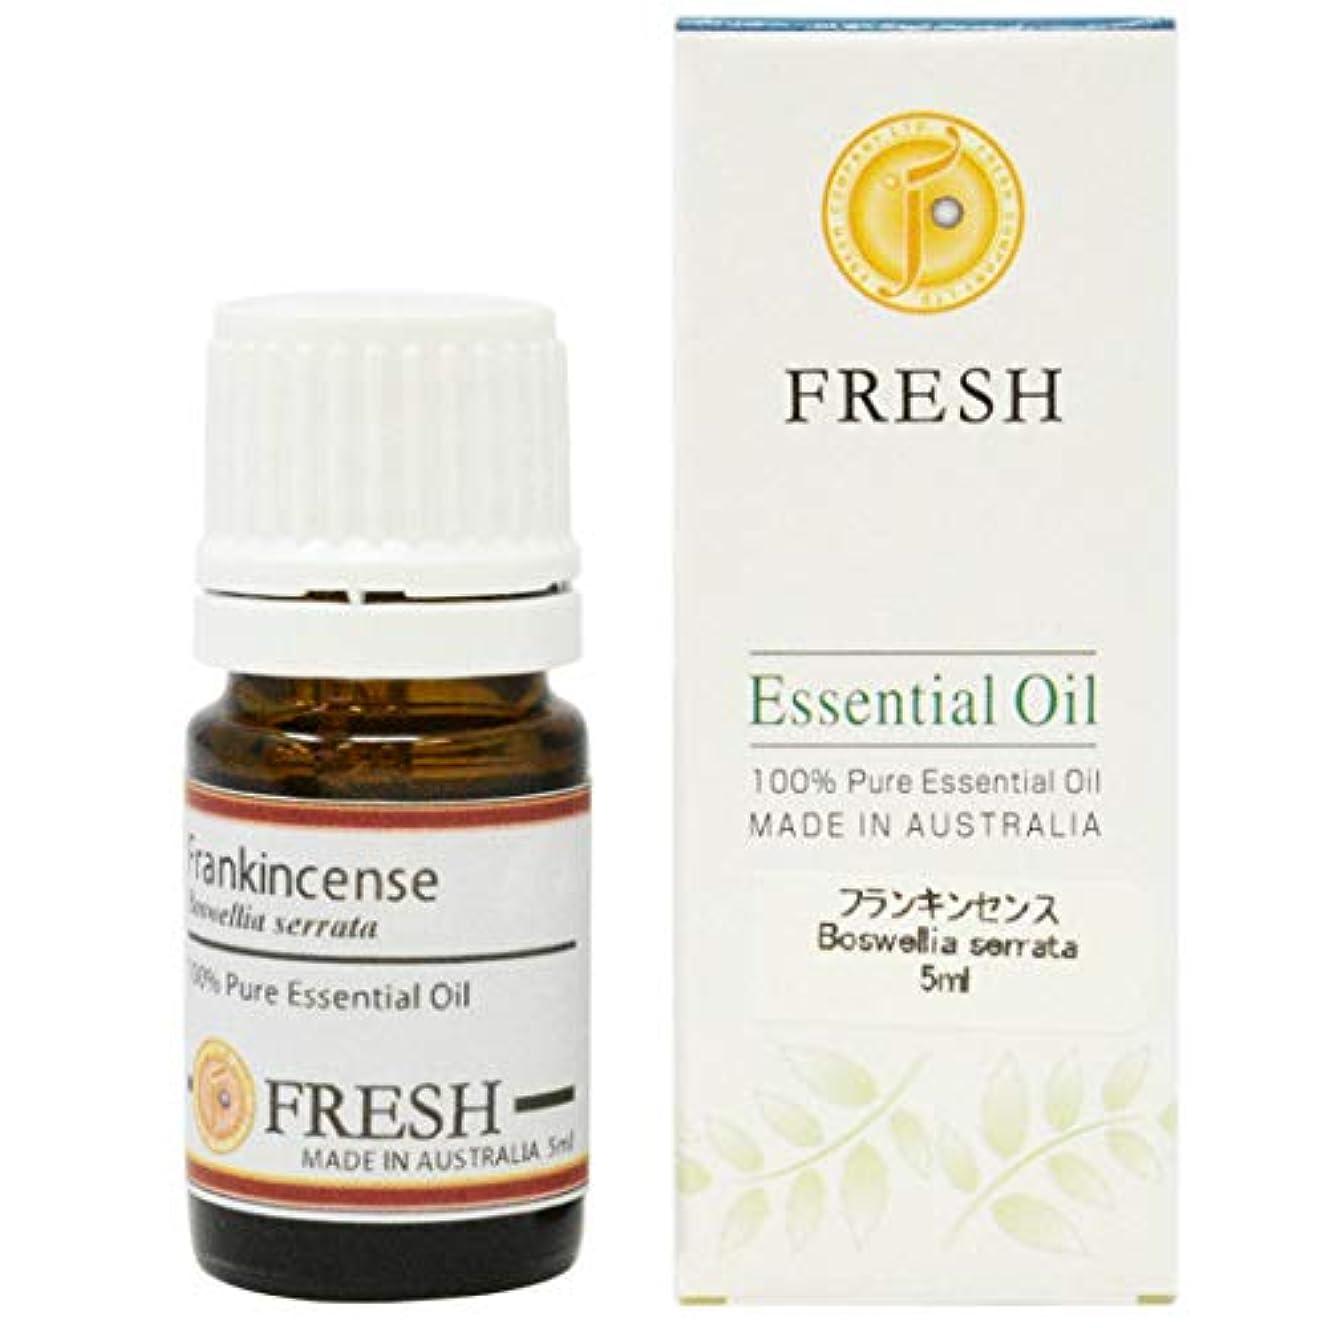 近所の気楽な早いFRESH エッセンシャルオイル フランキンセンス 5ml (FRESH 精油)